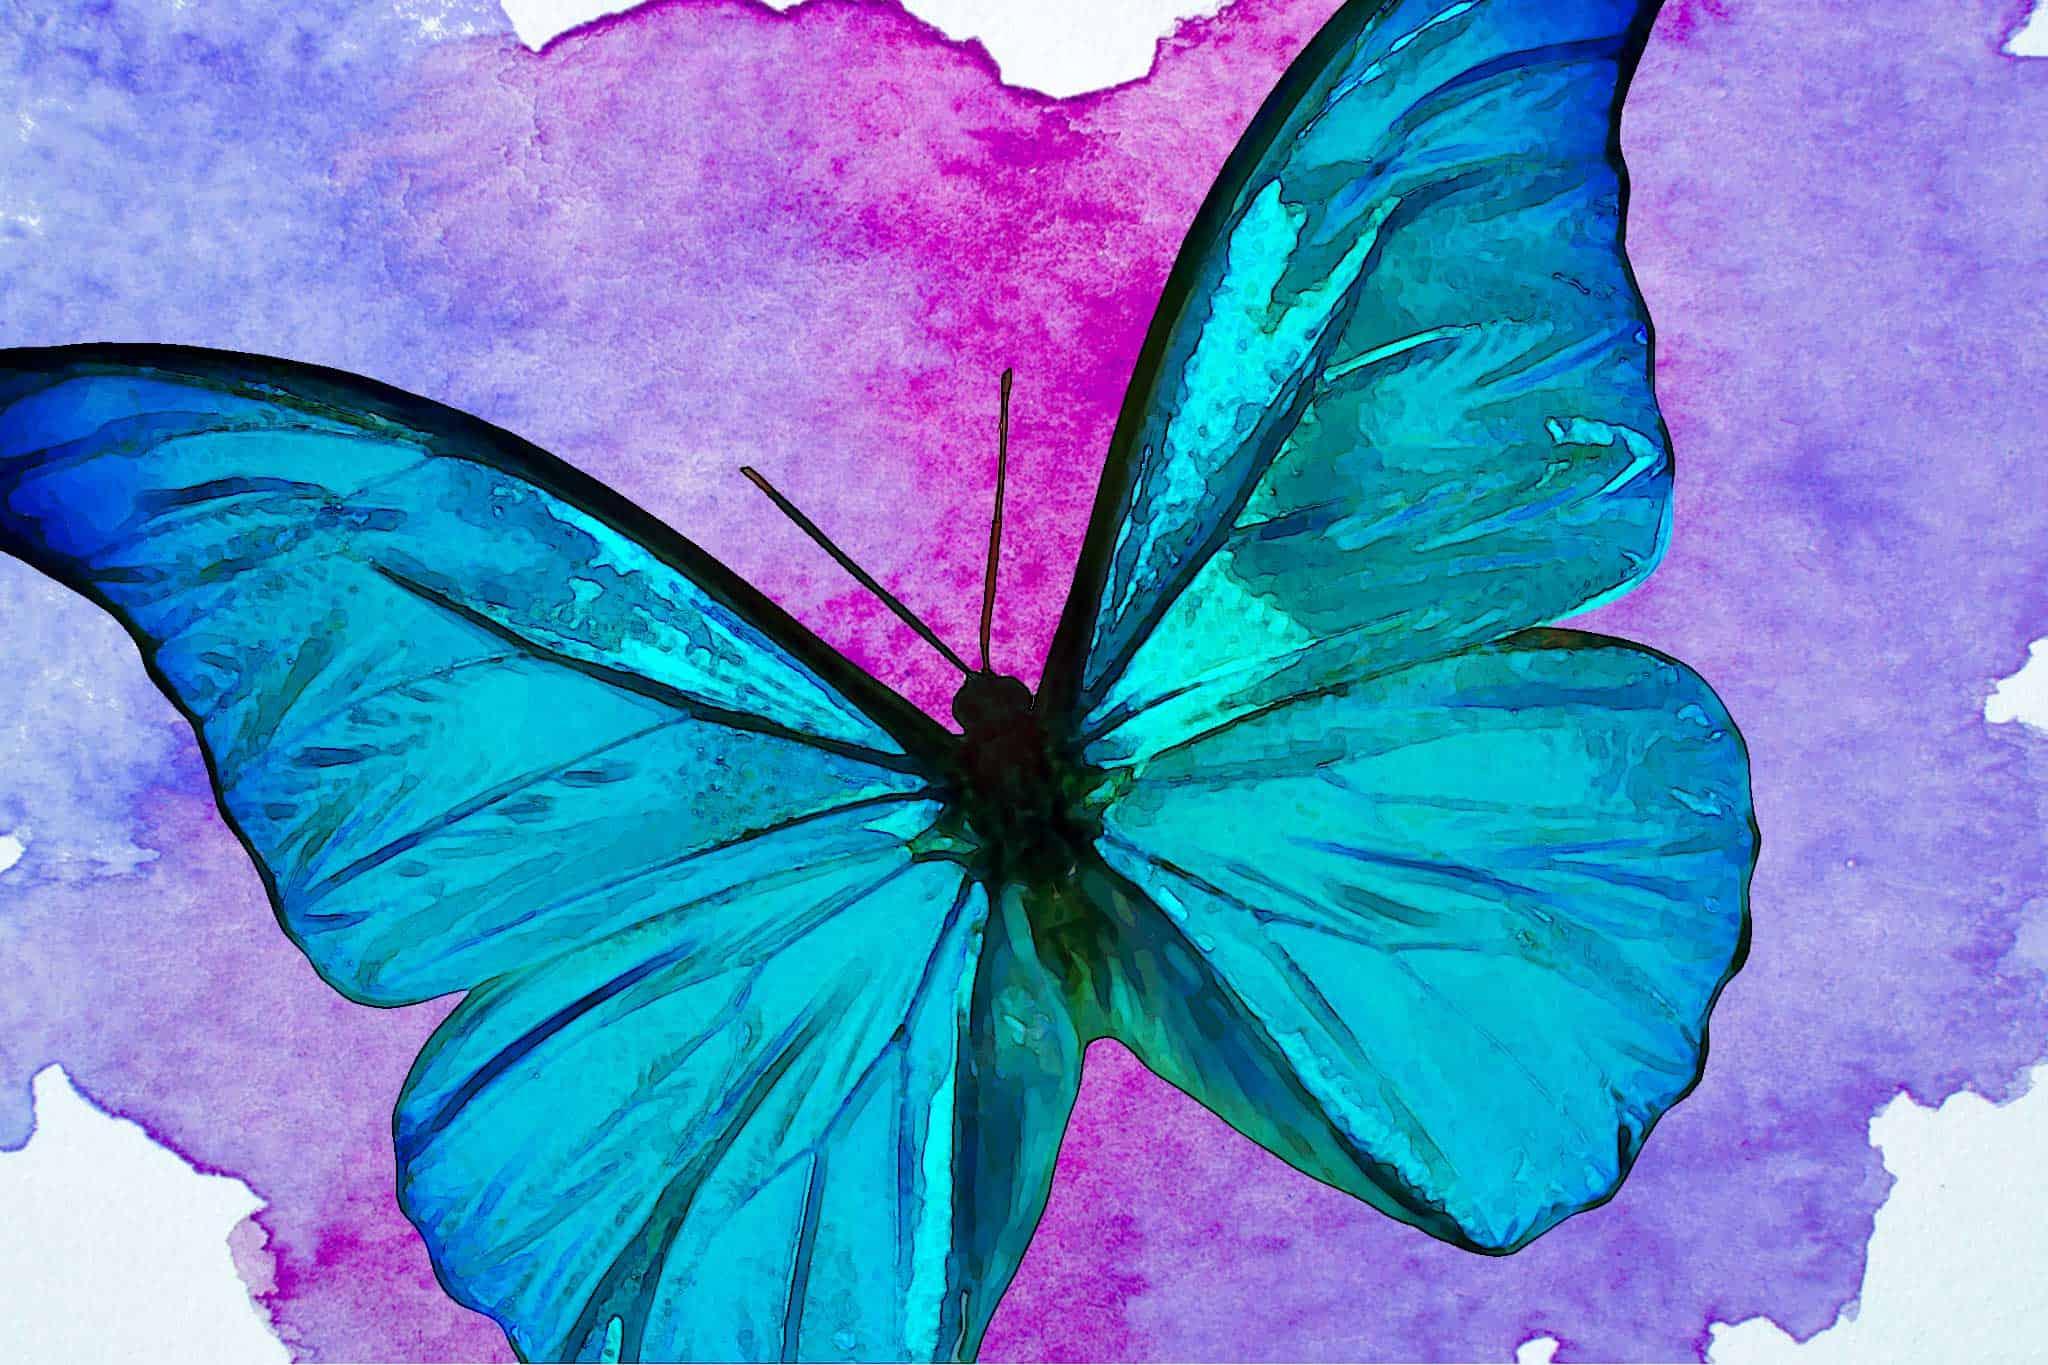 watercolor butterfly big blue purple bkg